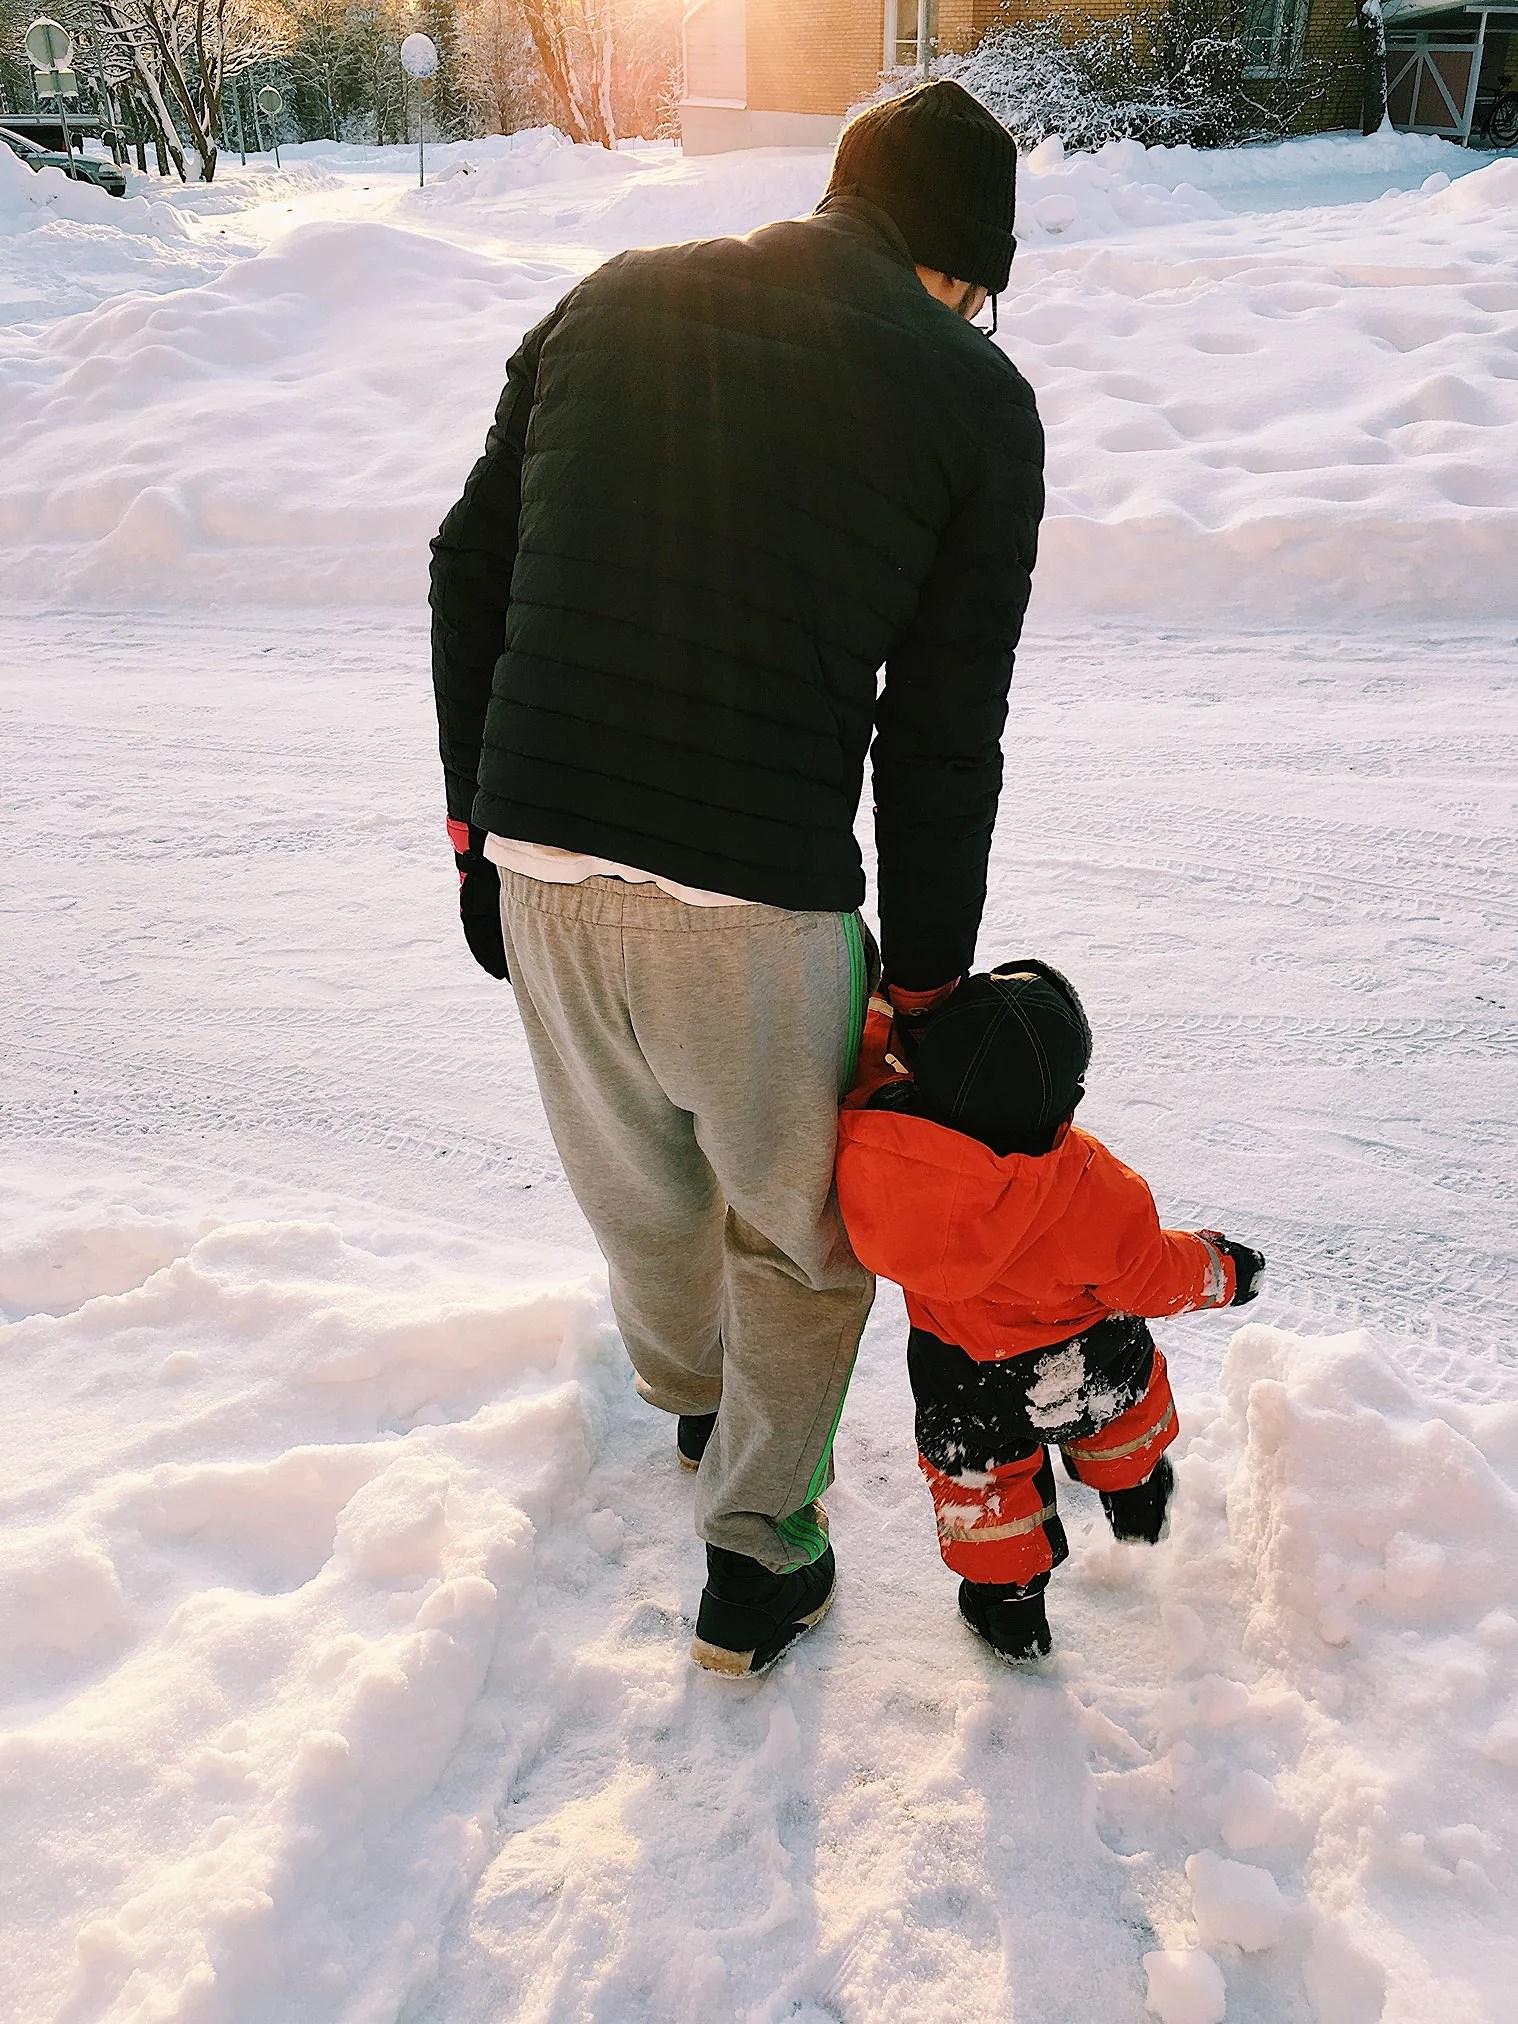 MINA TVÅ HJÄRTAN, HAND I HAND.